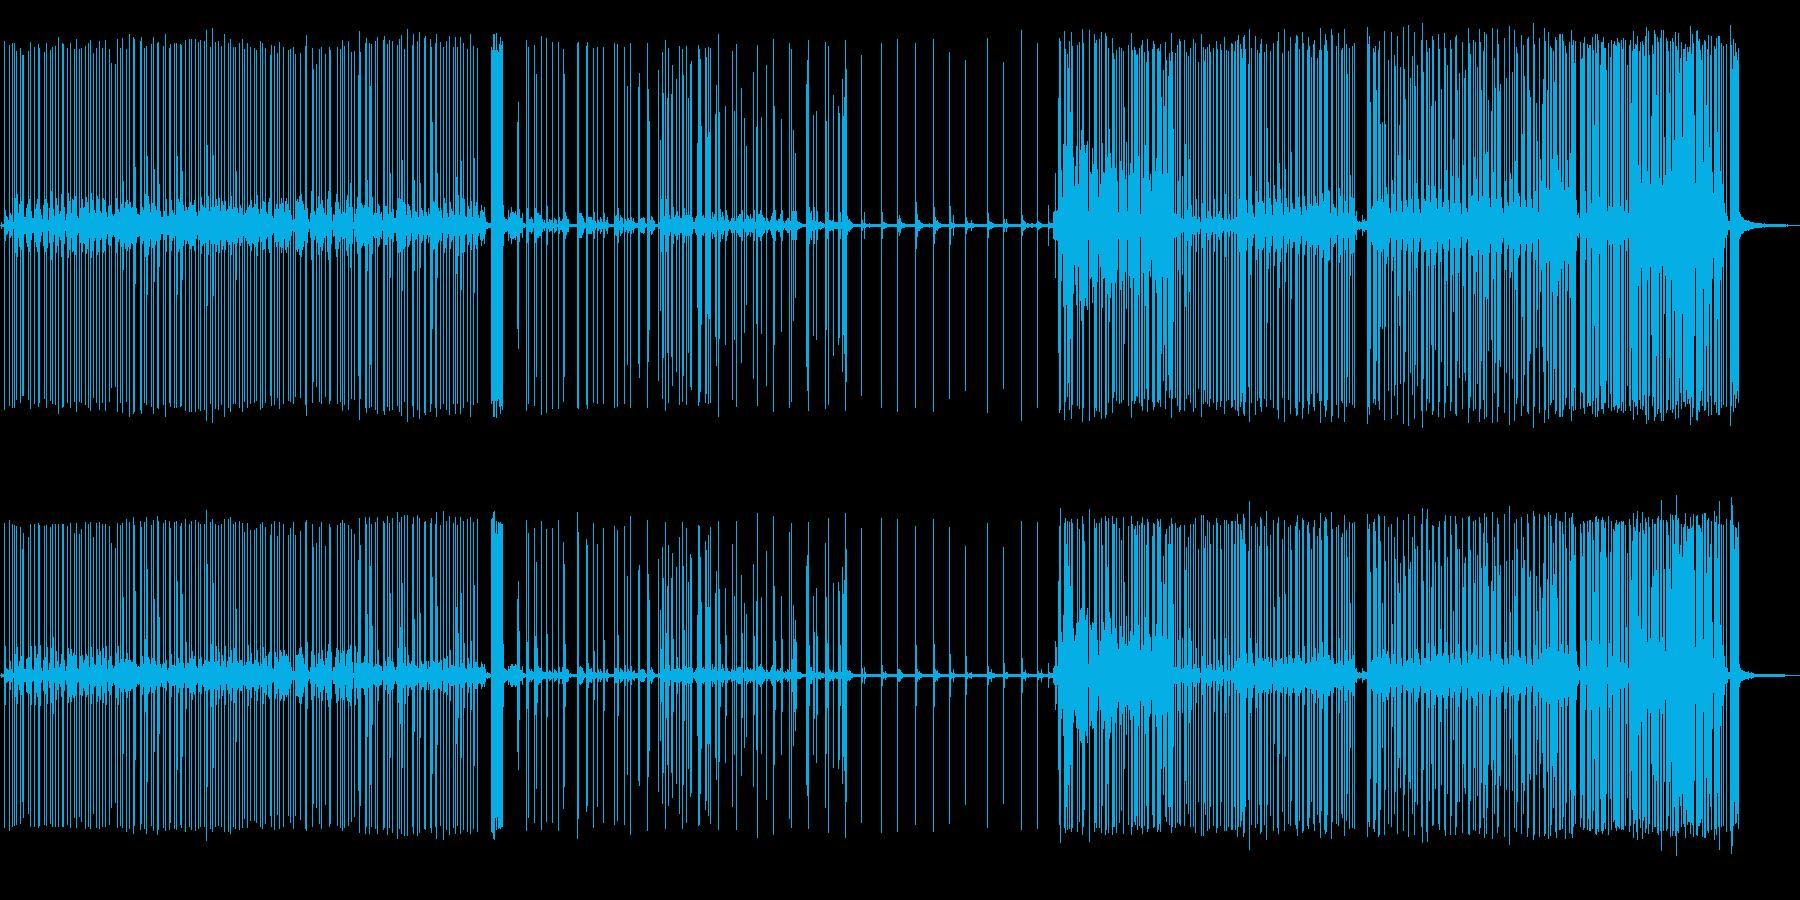 【環境音】小規模な花火大会の音の再生済みの波形